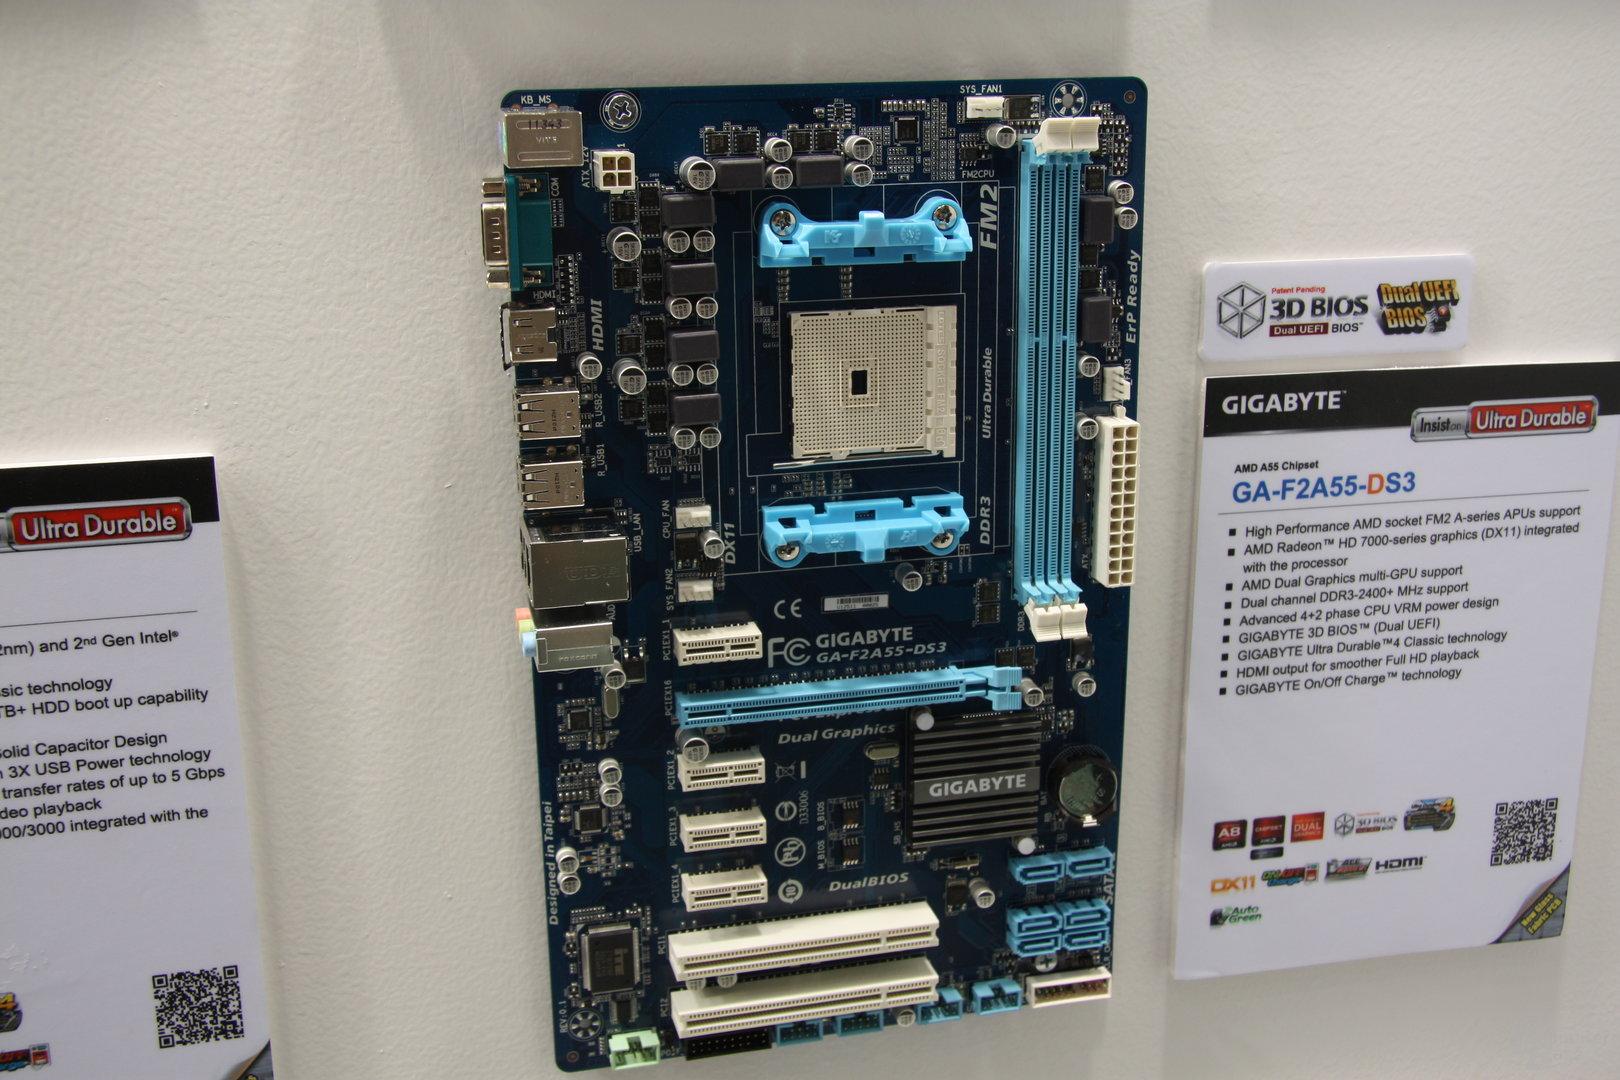 Gigabyte GA-F2A55-DS3